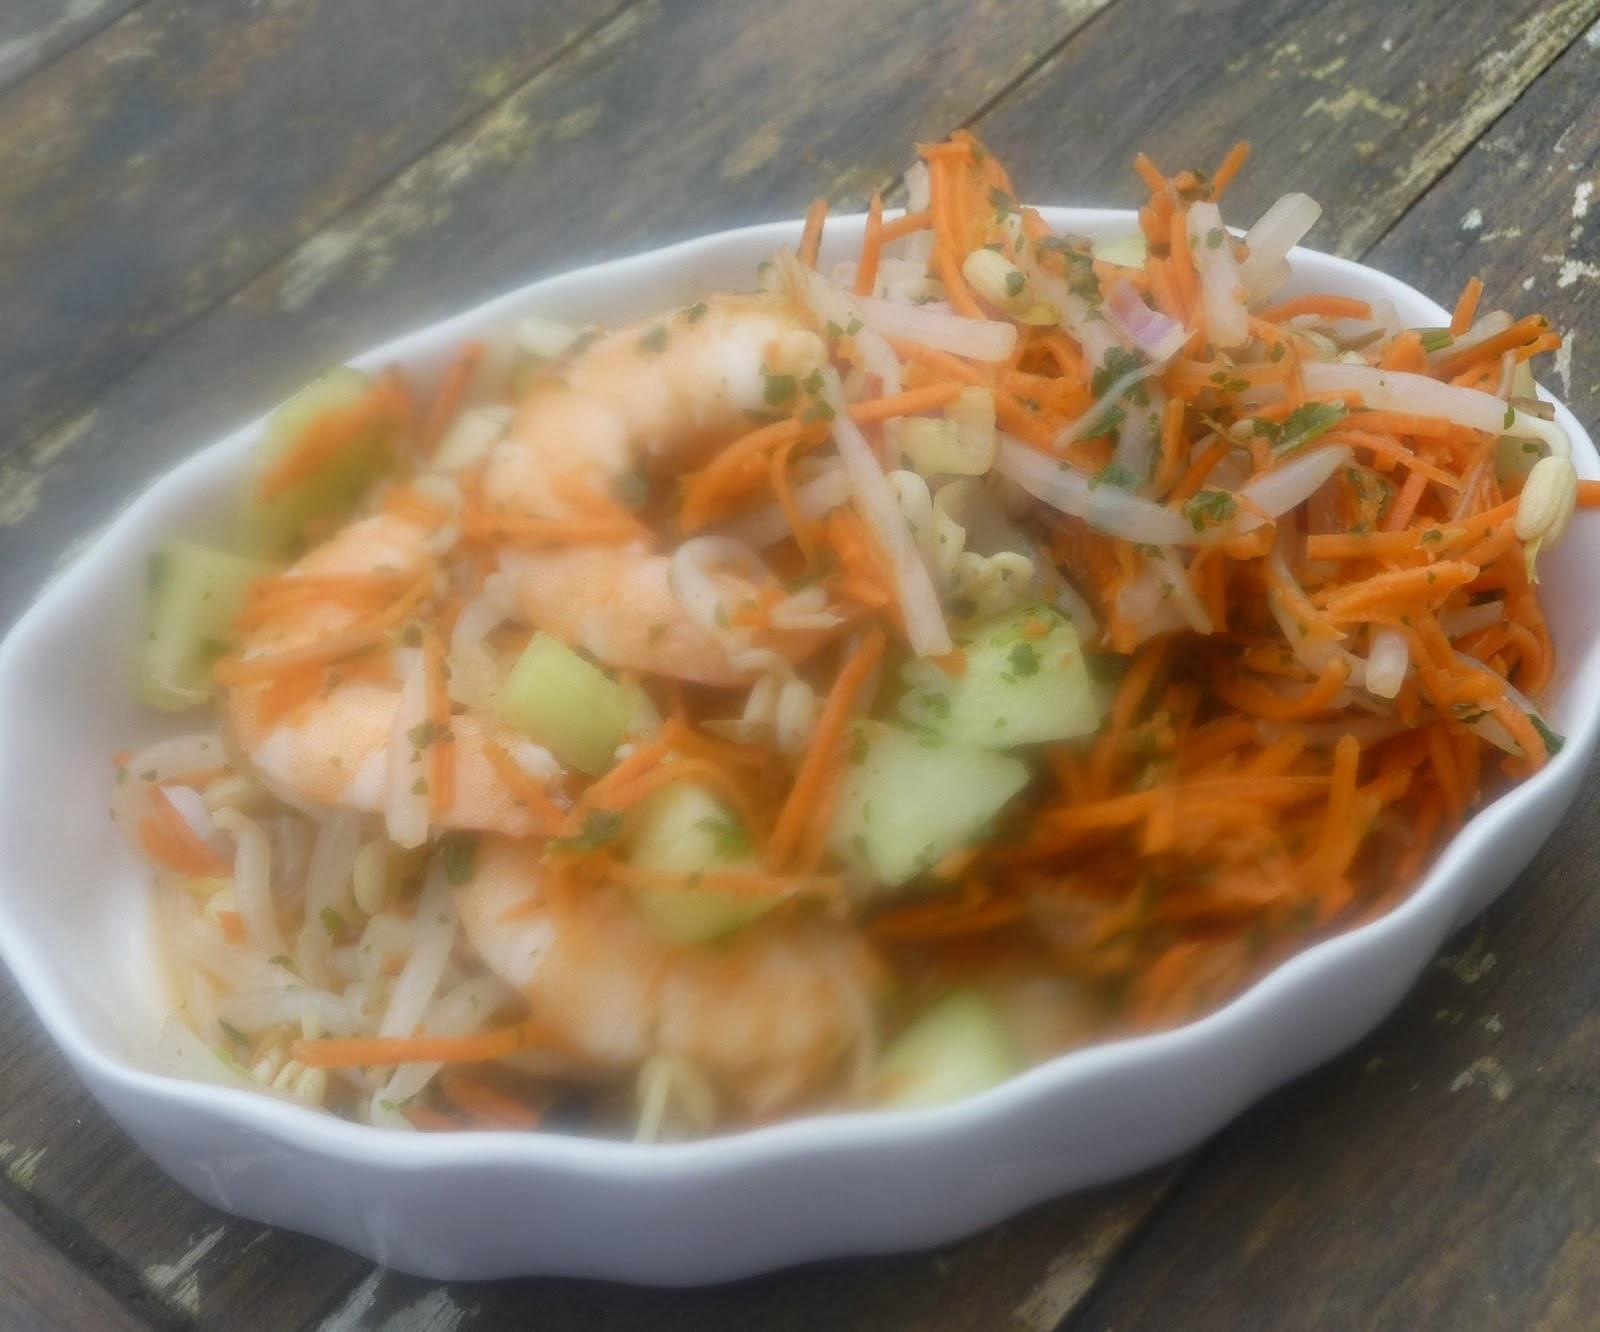 Recettes asiatiques pour fêter le Nouvel an chinois  : salade de soja et crevettes